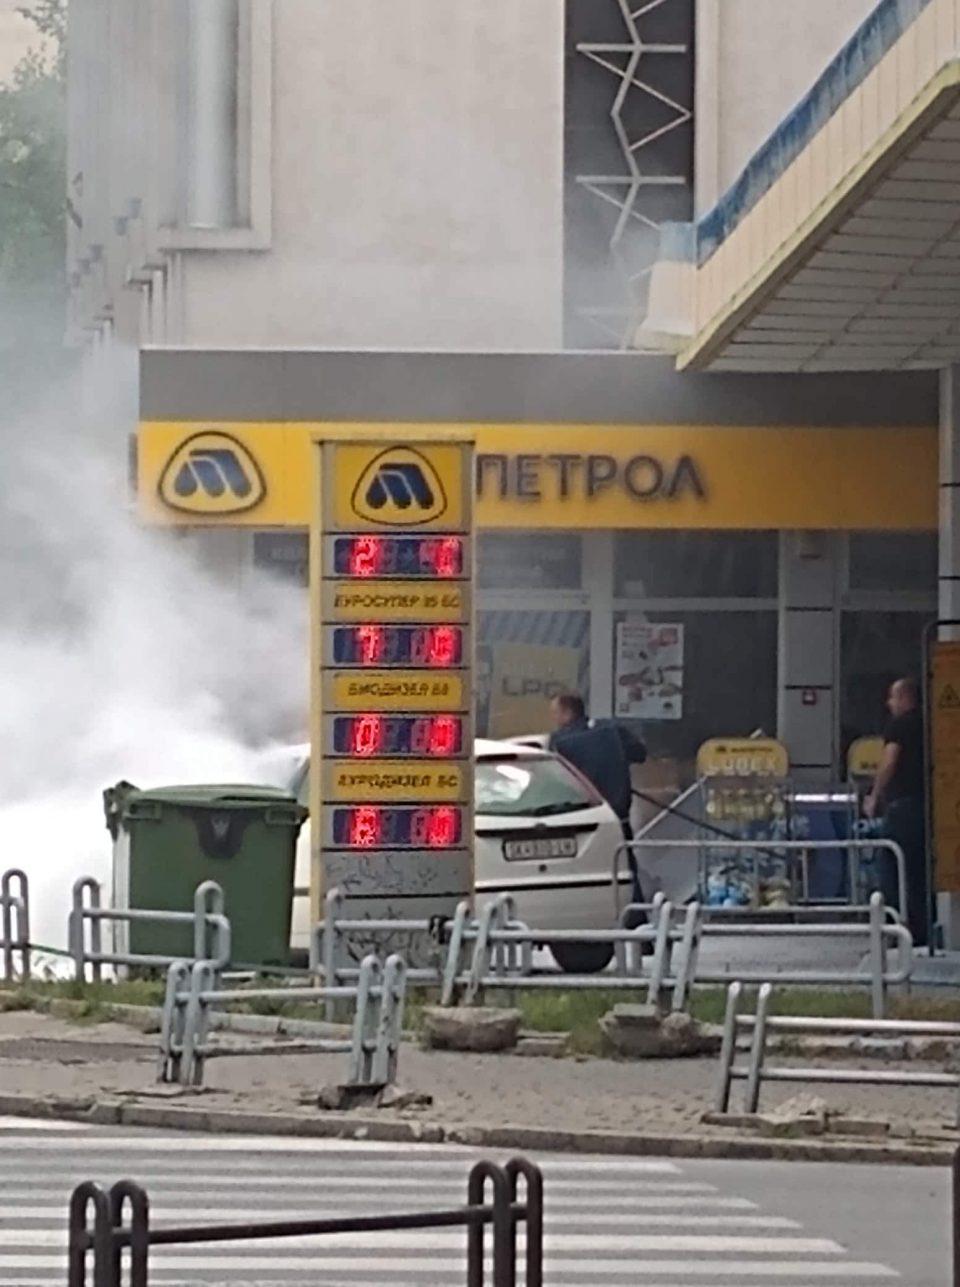 """(ФОТО+ВИДЕО) Ова е херојот на денот: Пумпач на """"Макпетрол"""" самиот спречи пожар и експлозија!"""